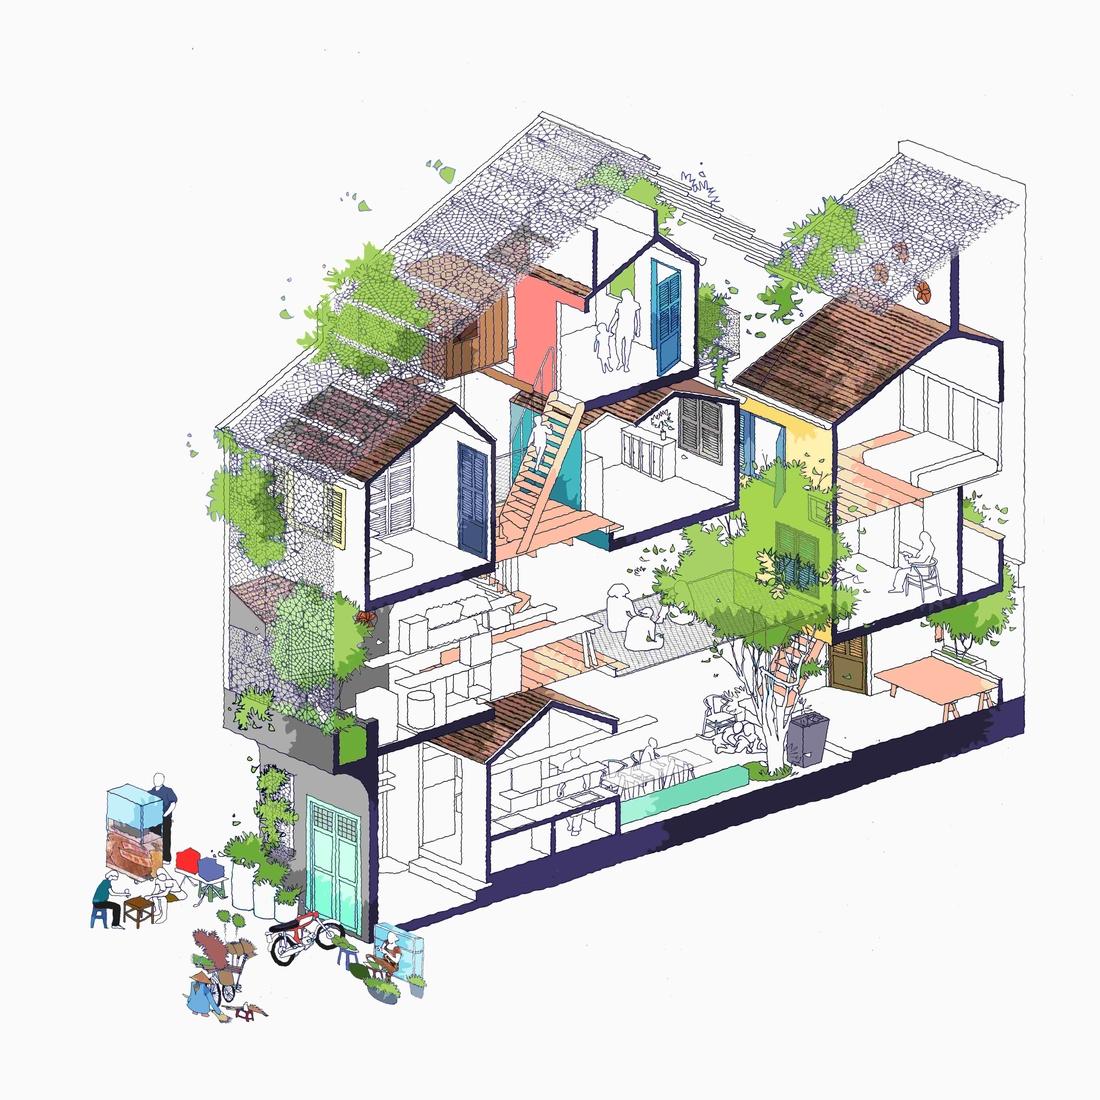 07-nesta-casa-ambientes-parecem-pequena-vila